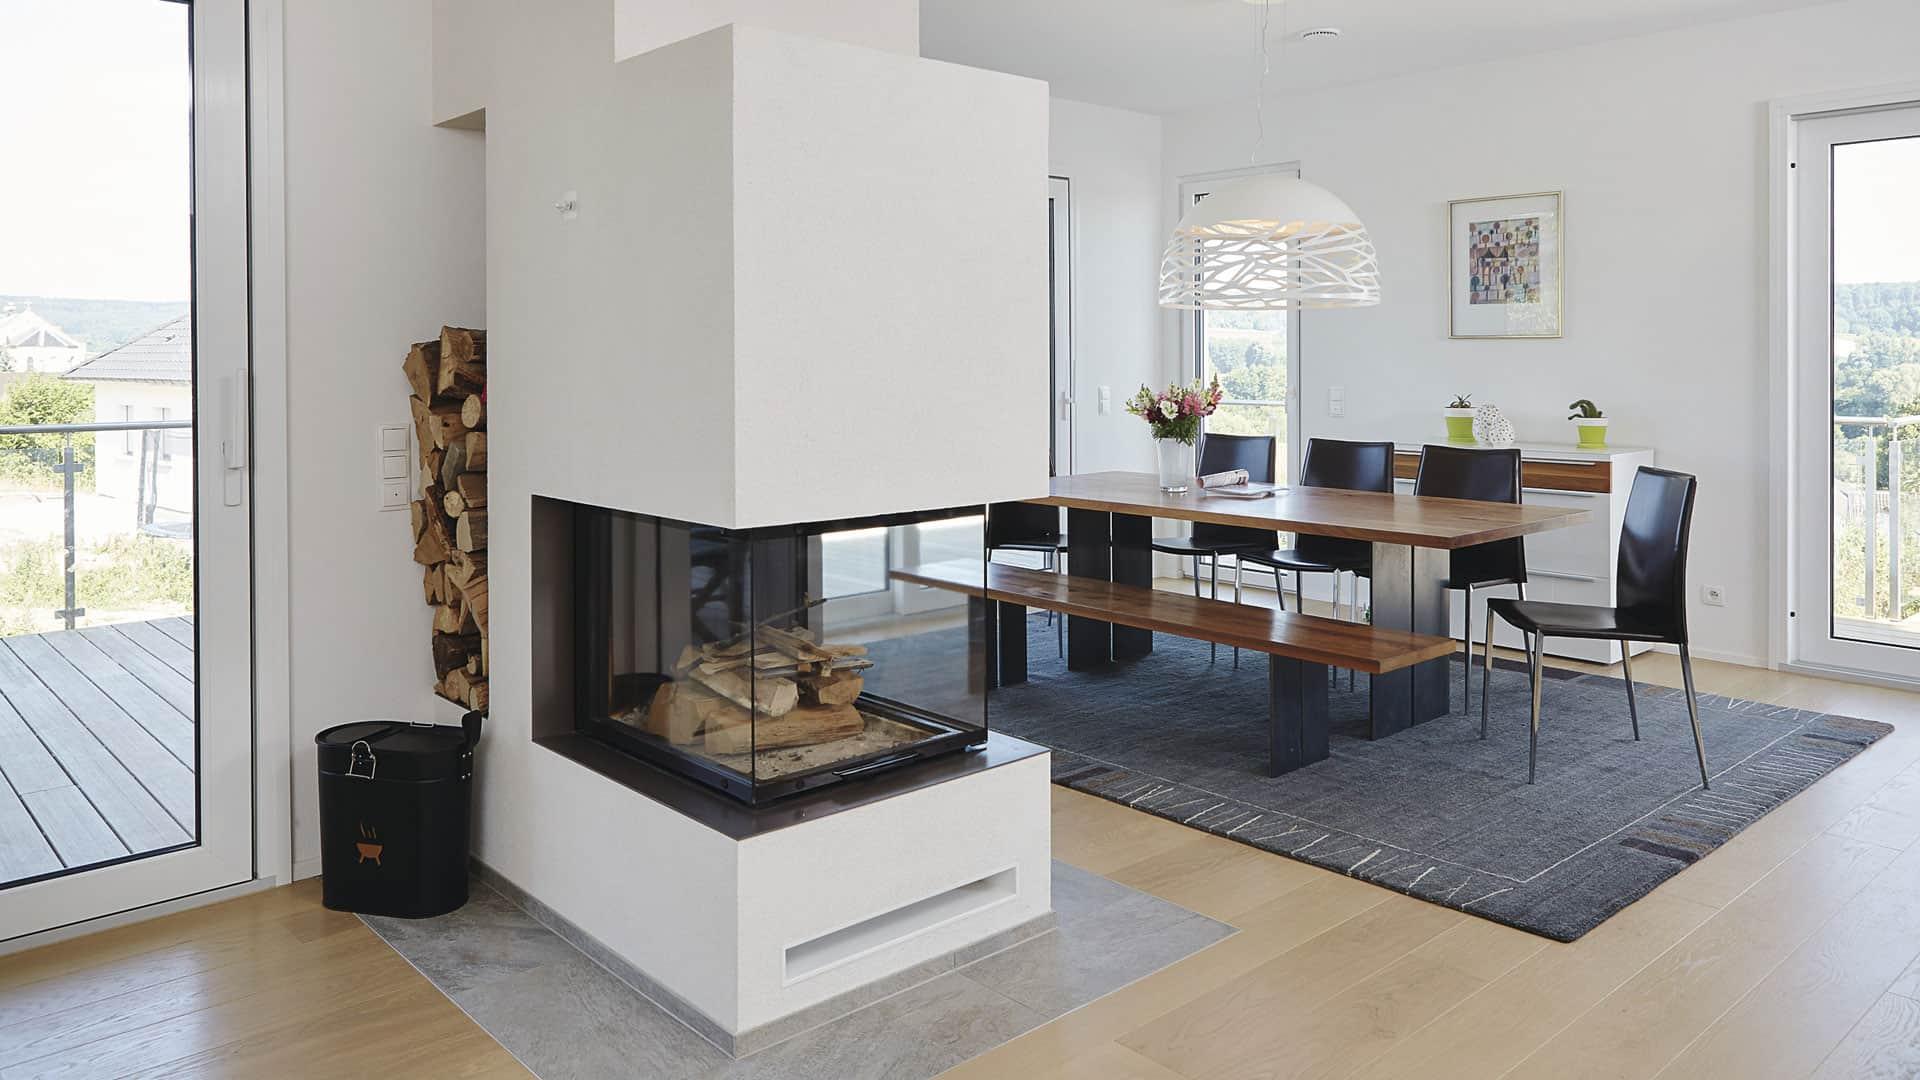 Wohnen im WeberHaus: Wohn-Essbereich mit Kamin